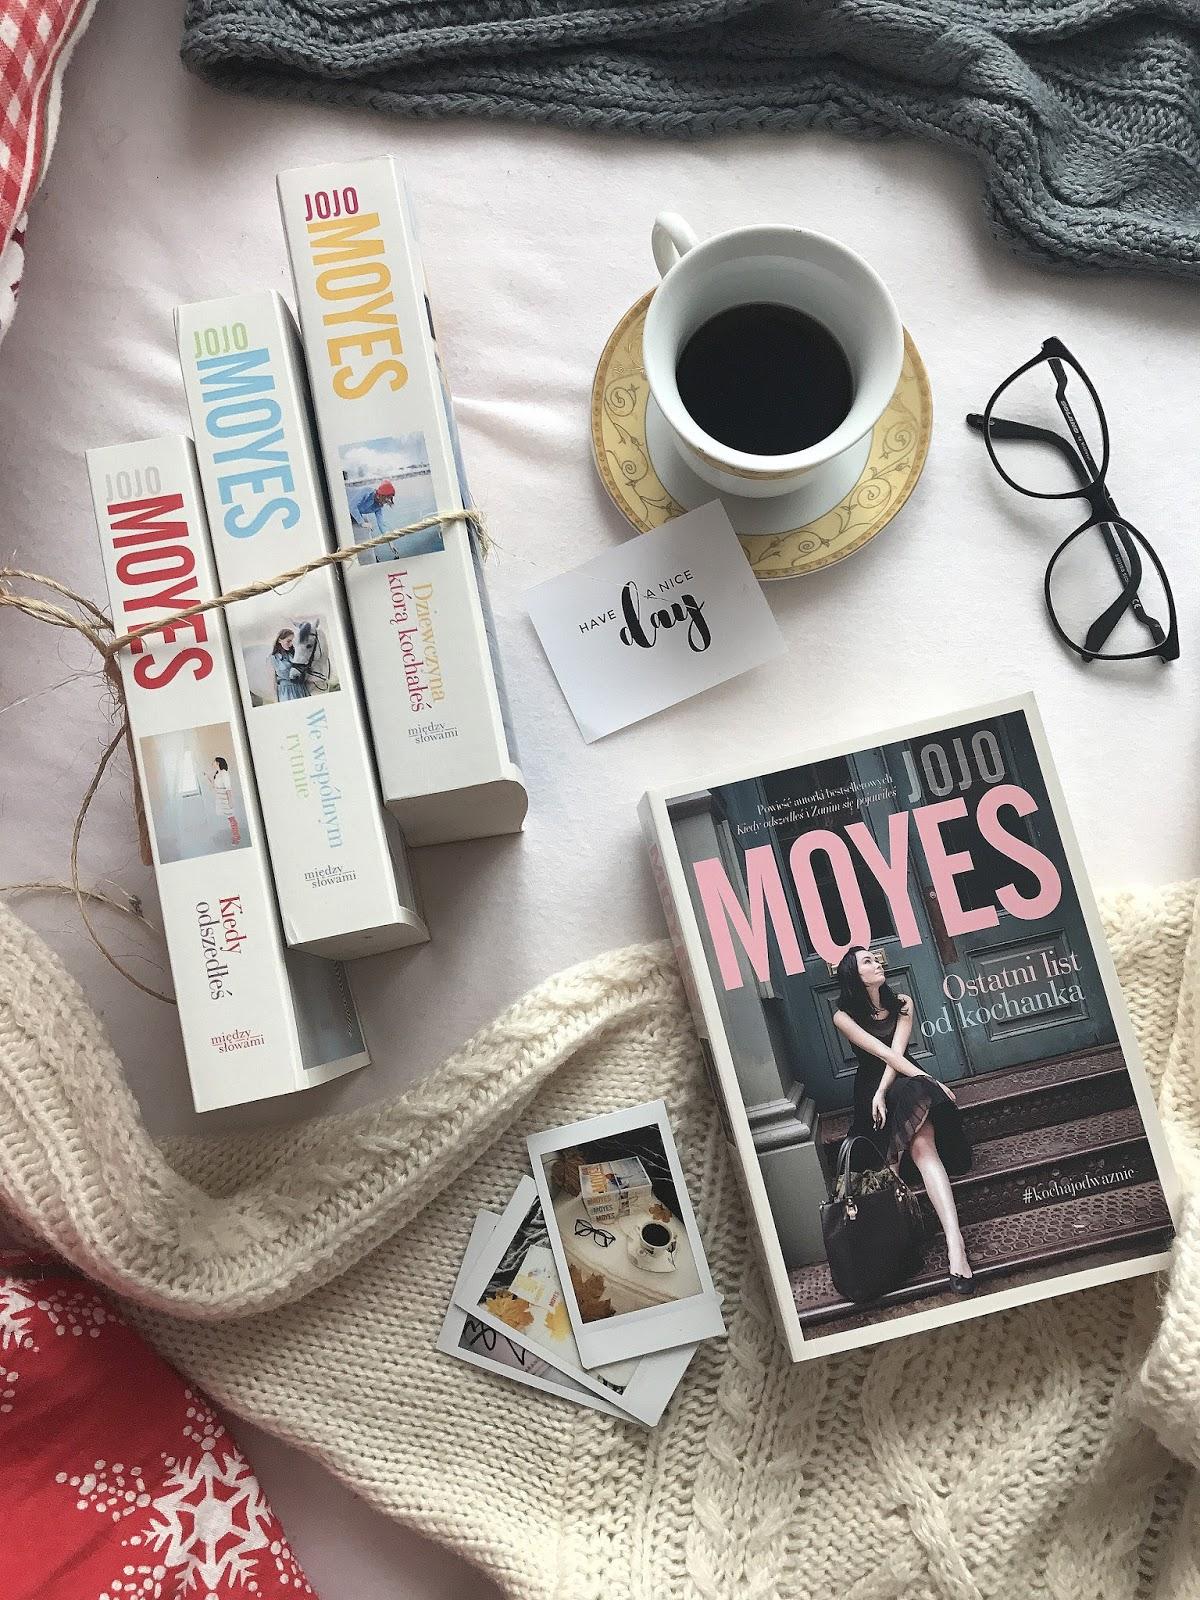 [PRZEDPREMIERA] Jojo Moyes, Ostatni list od kochanka